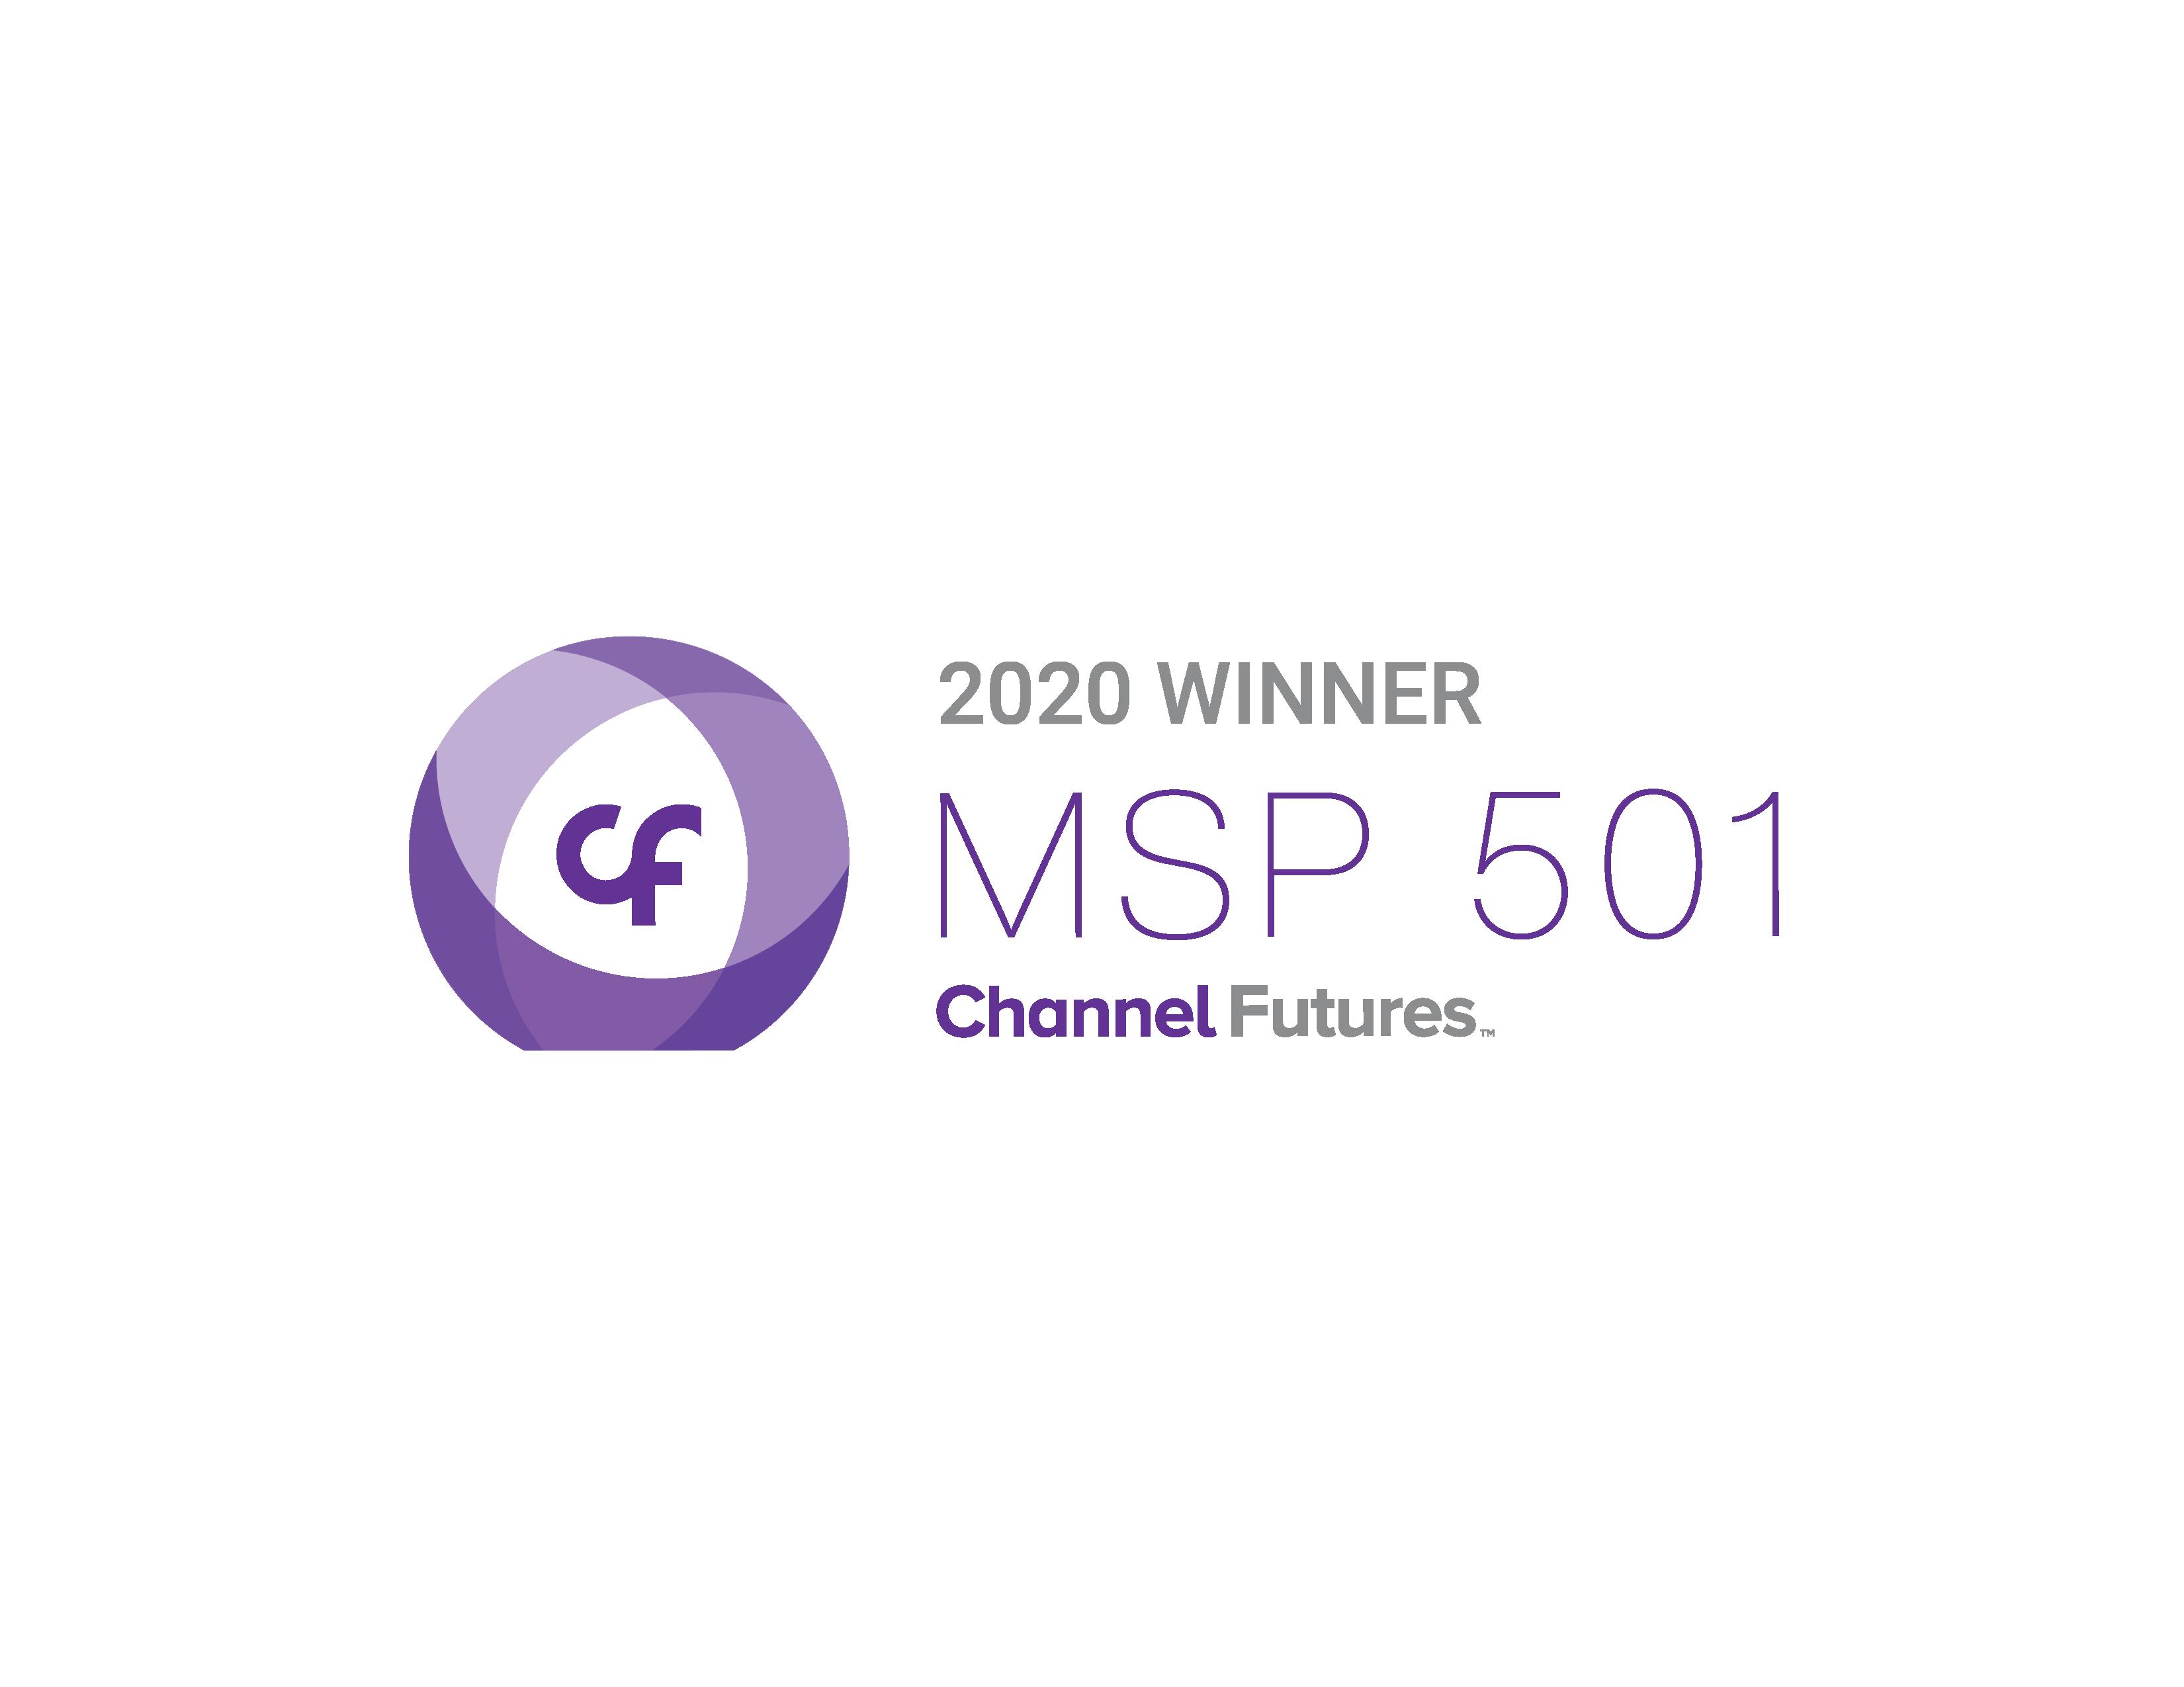 2020 MSP 501 Winner 2020